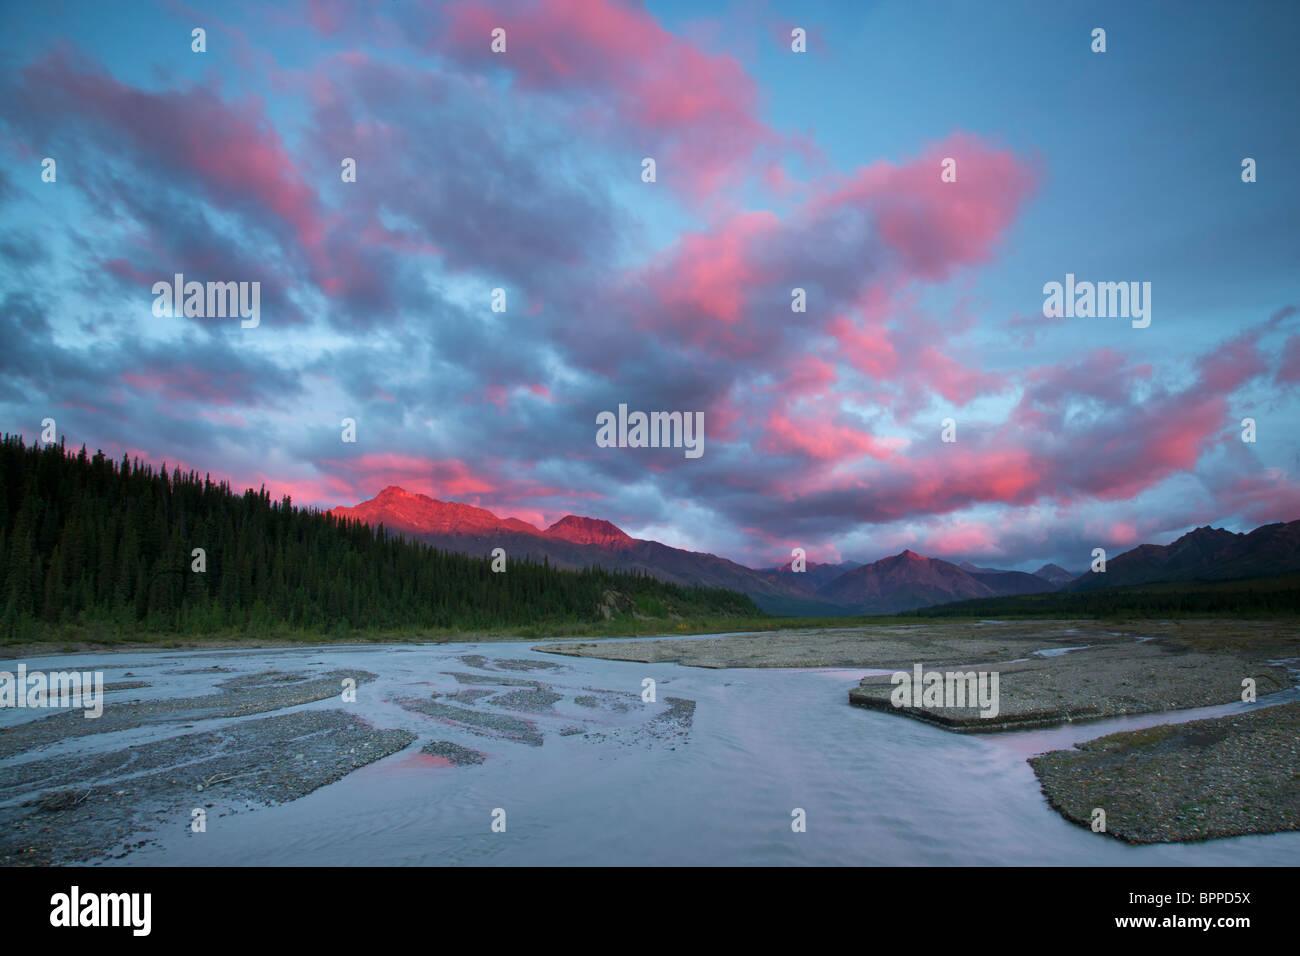 Puesta de sol sobre el valle del río Teklanika, el Parque Nacional Denali, Alaska. Imagen De Stock